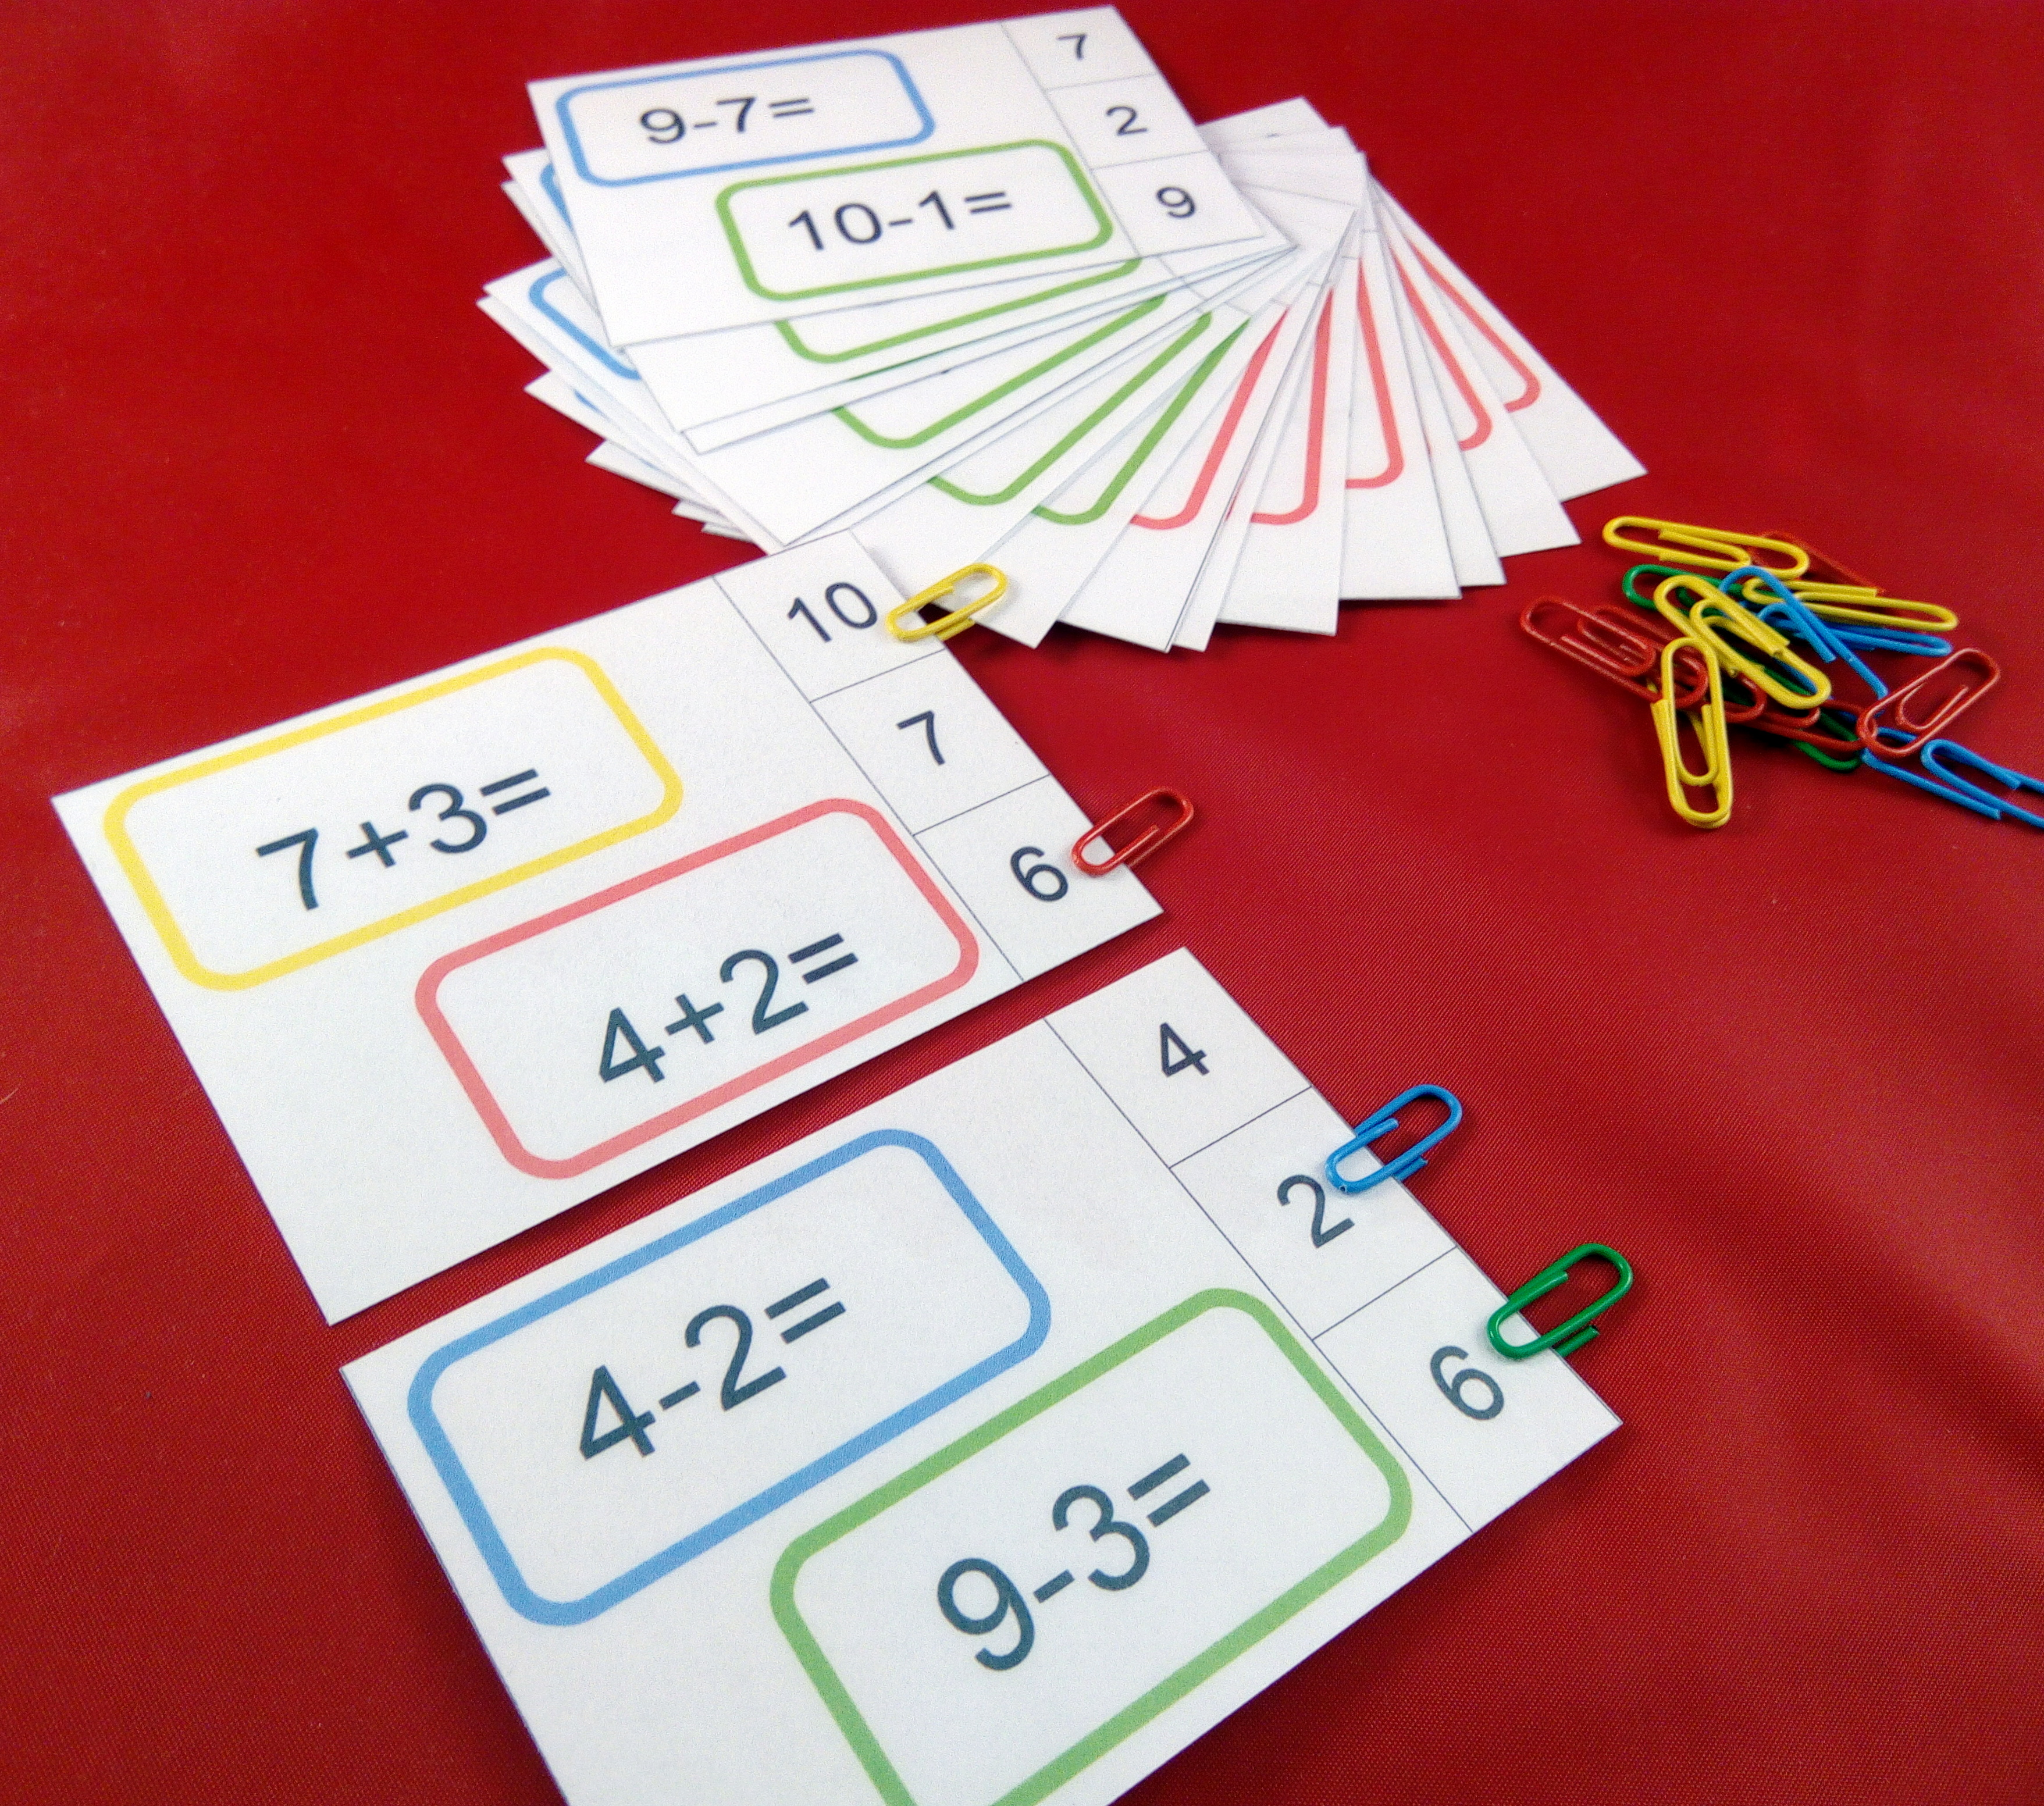 u-663-strukturovane-karty-scitani-a-odcitani-do-10-2